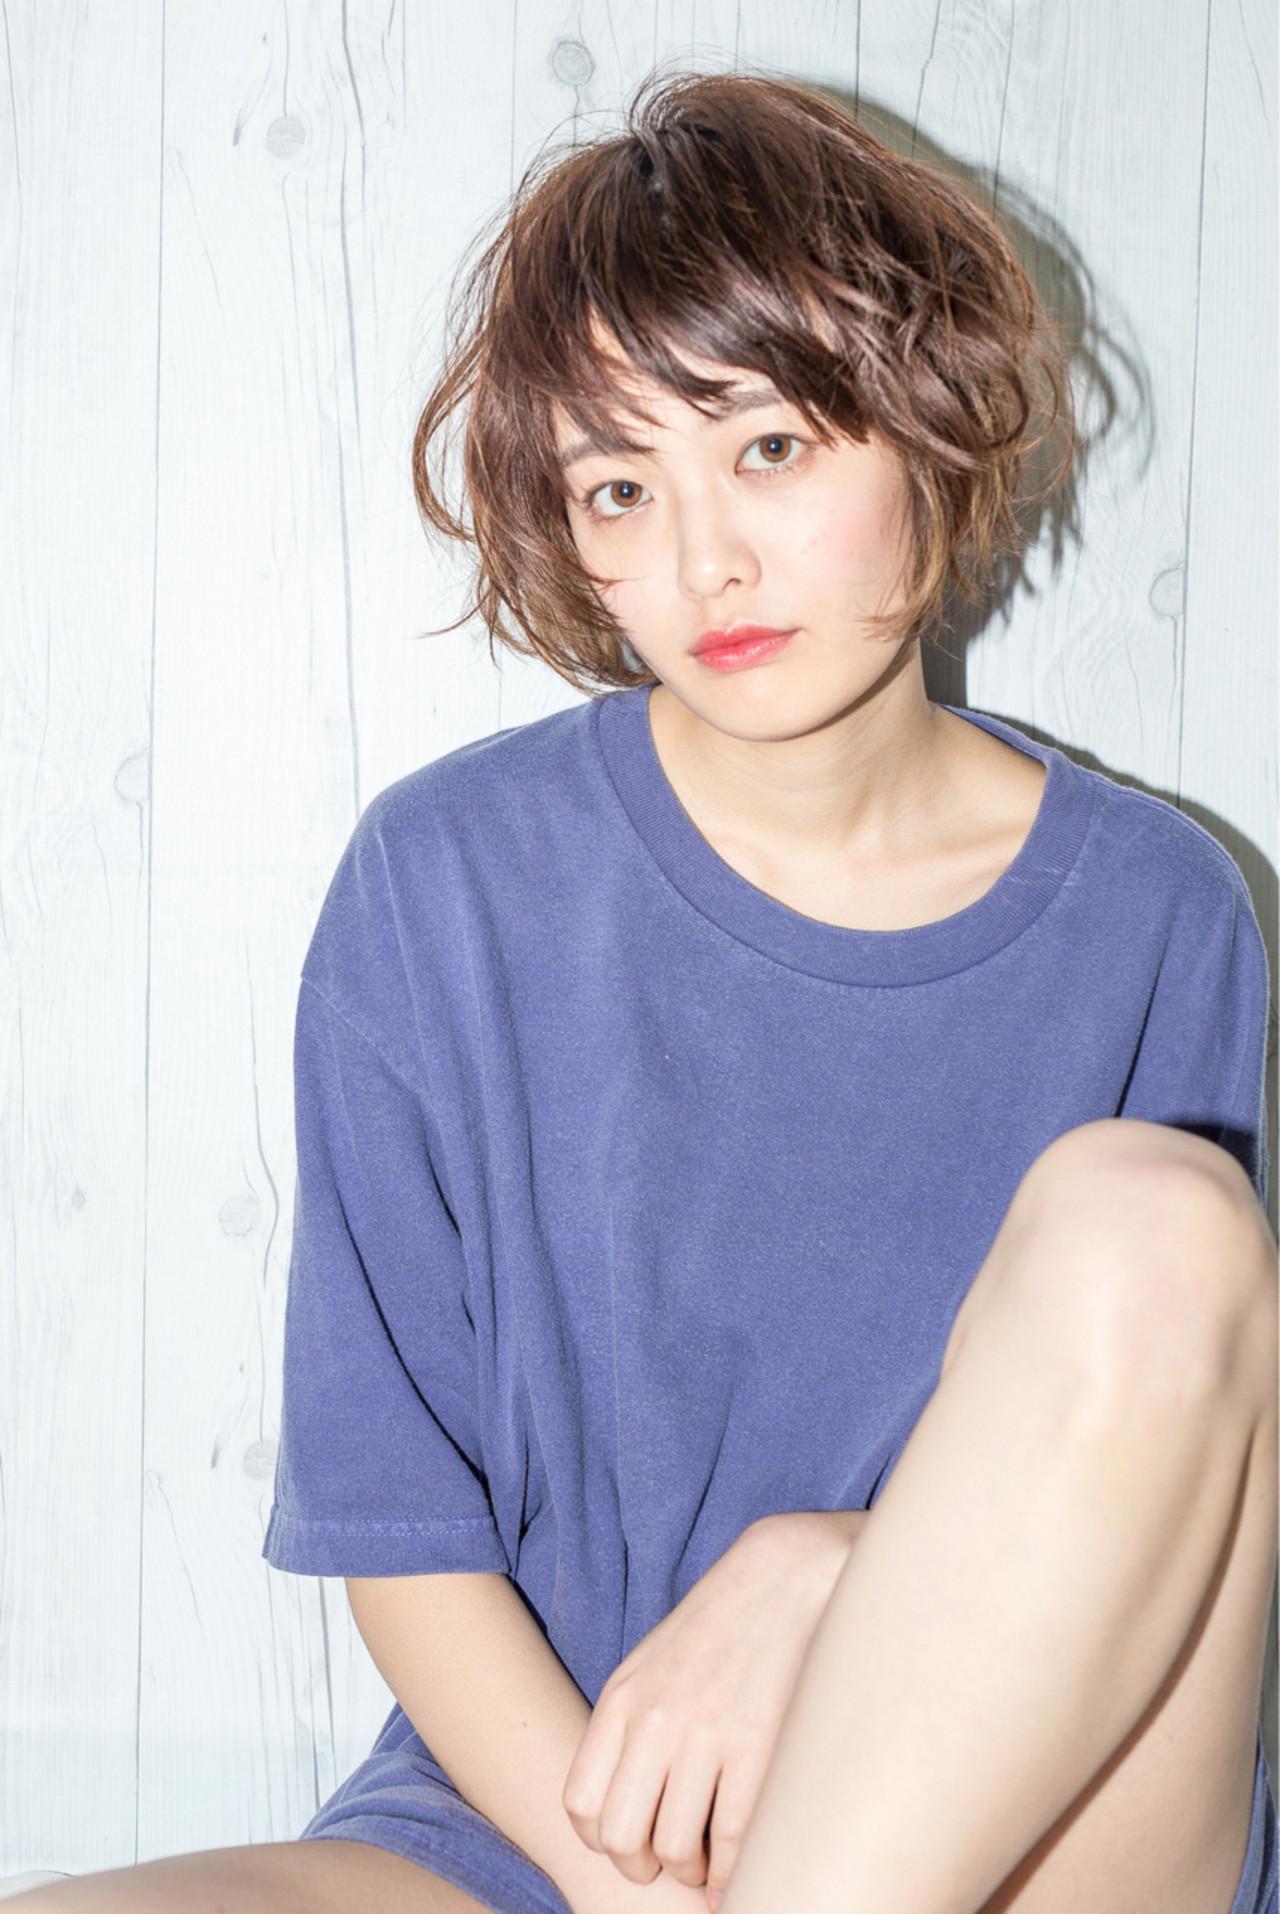 くせ毛風 ナチュラル 小顔 ニュアンス ヘアスタイルや髪型の写真・画像 | Fringe 染谷正 / Fringe Hair Salon